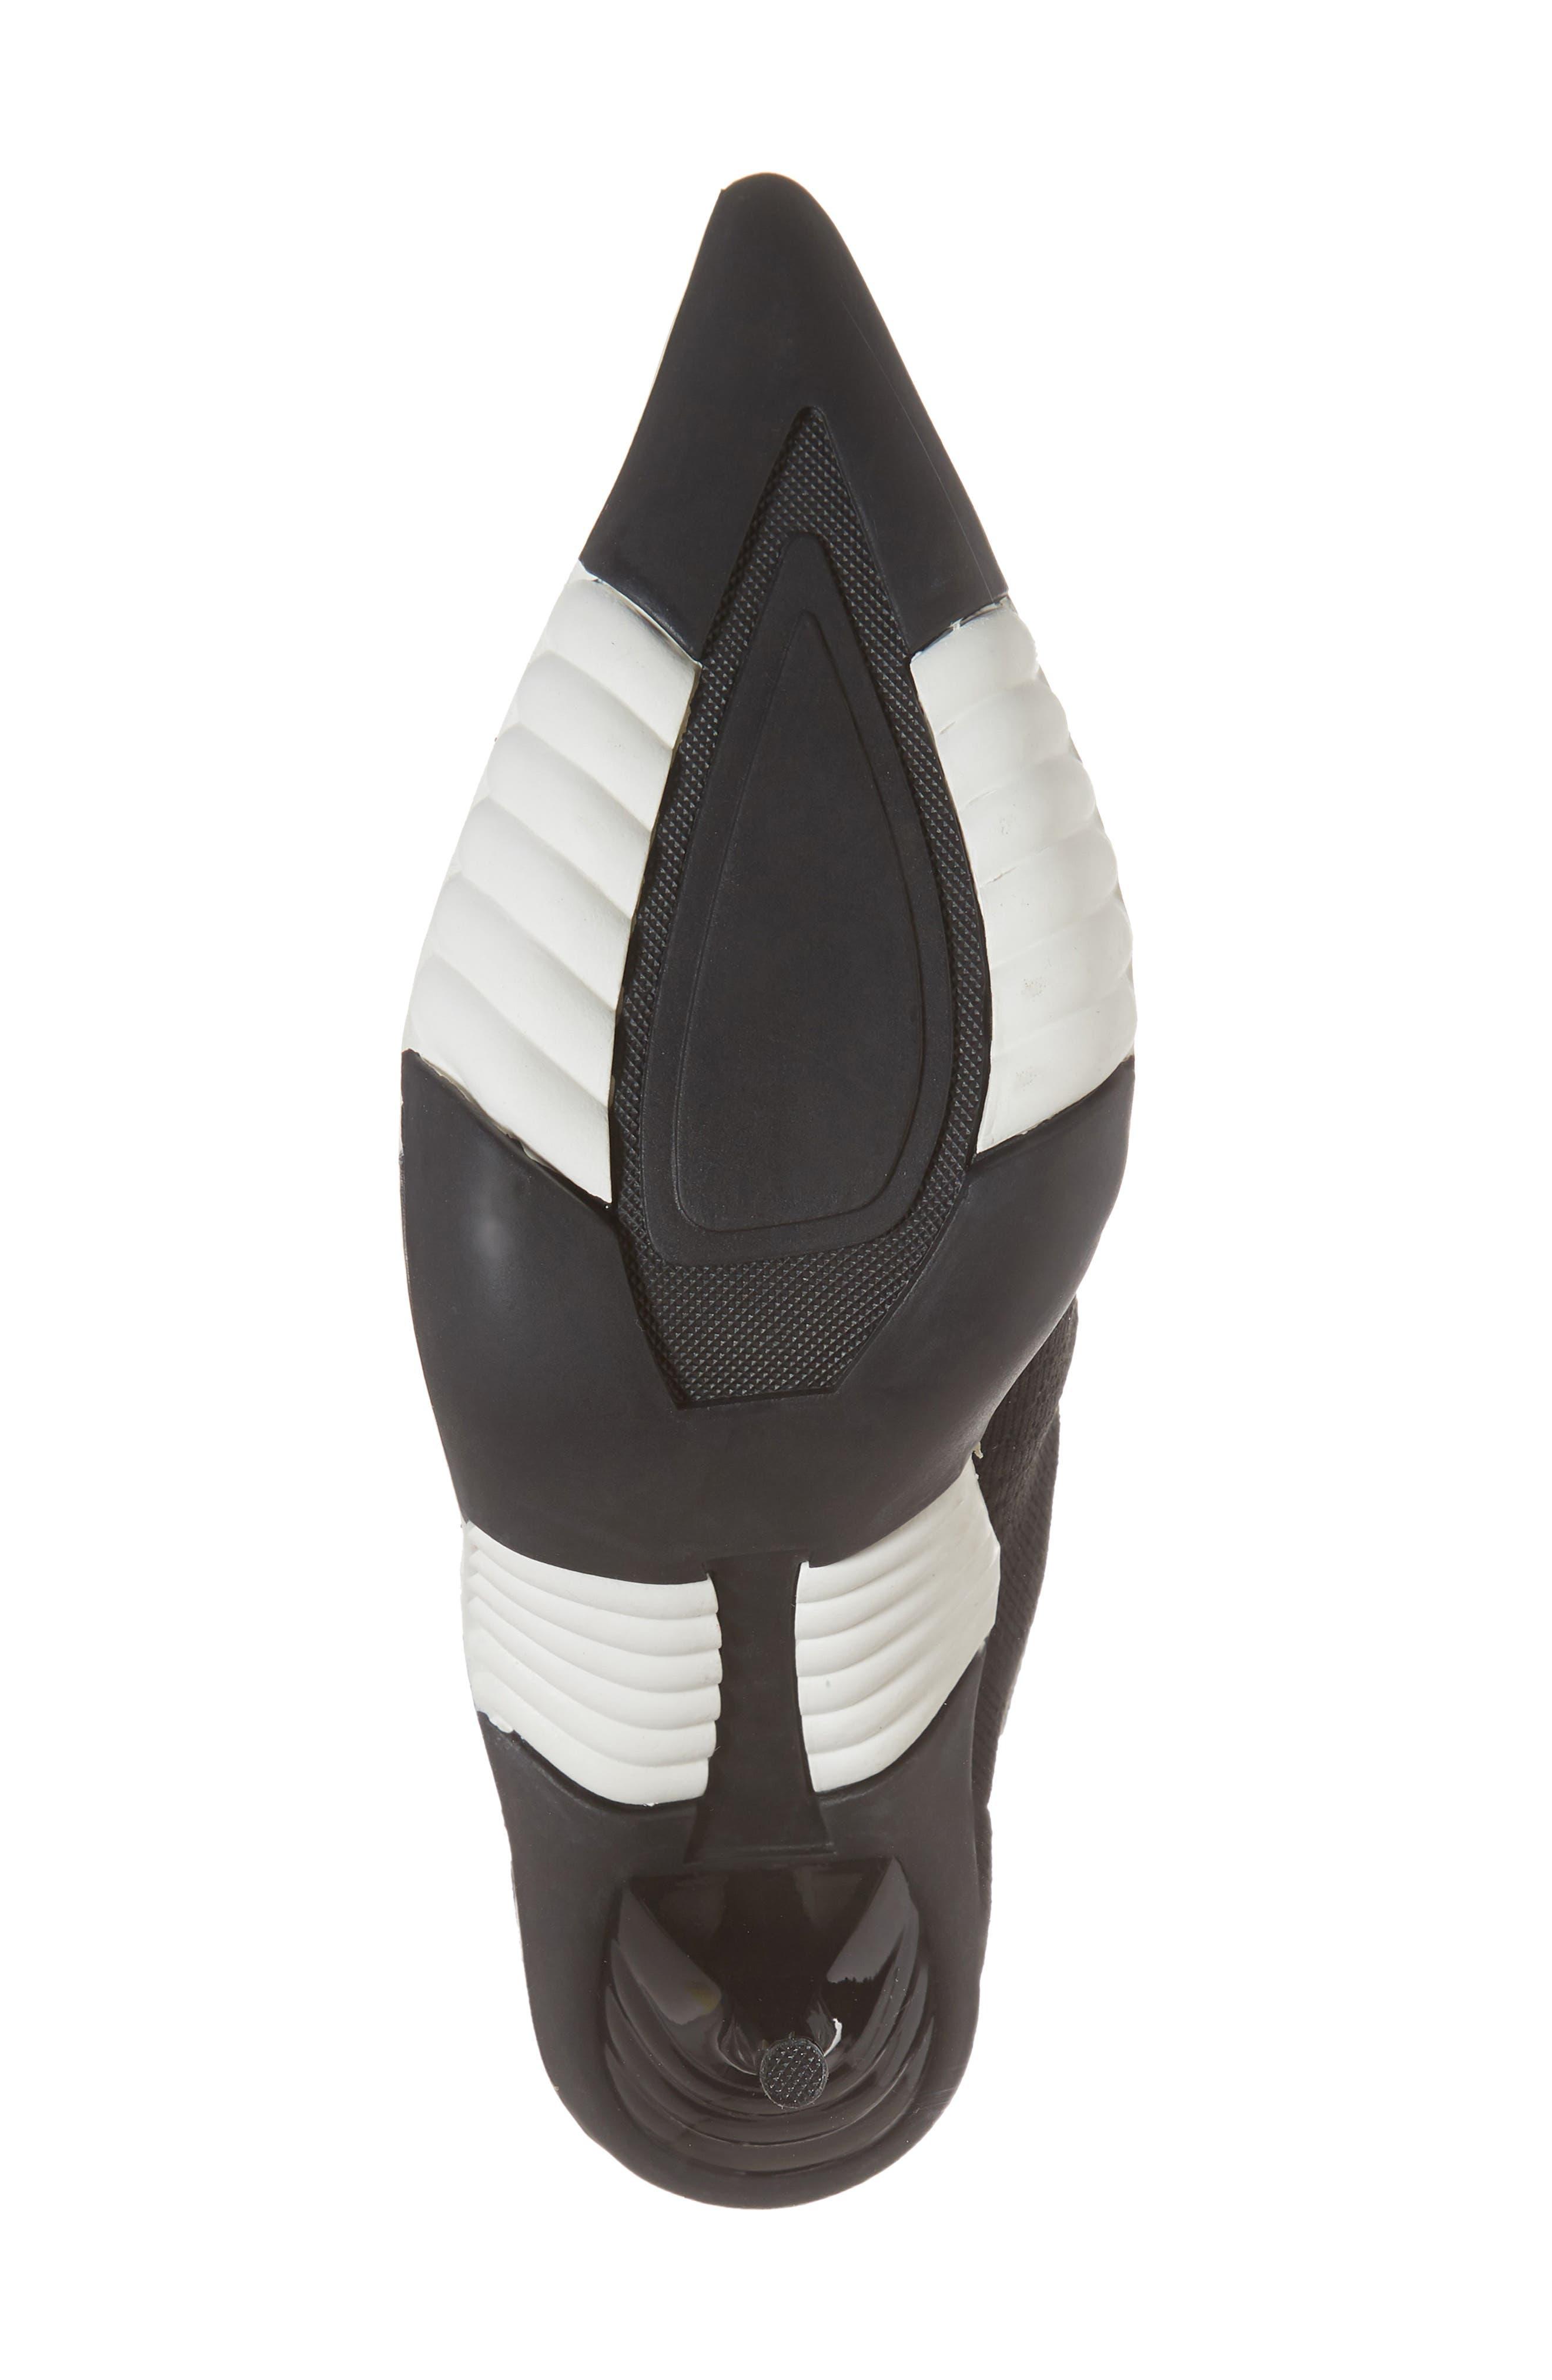 Goal Sock Sneaker Bootie,                             Alternate thumbnail 6, color,                             Black/ White Fabric